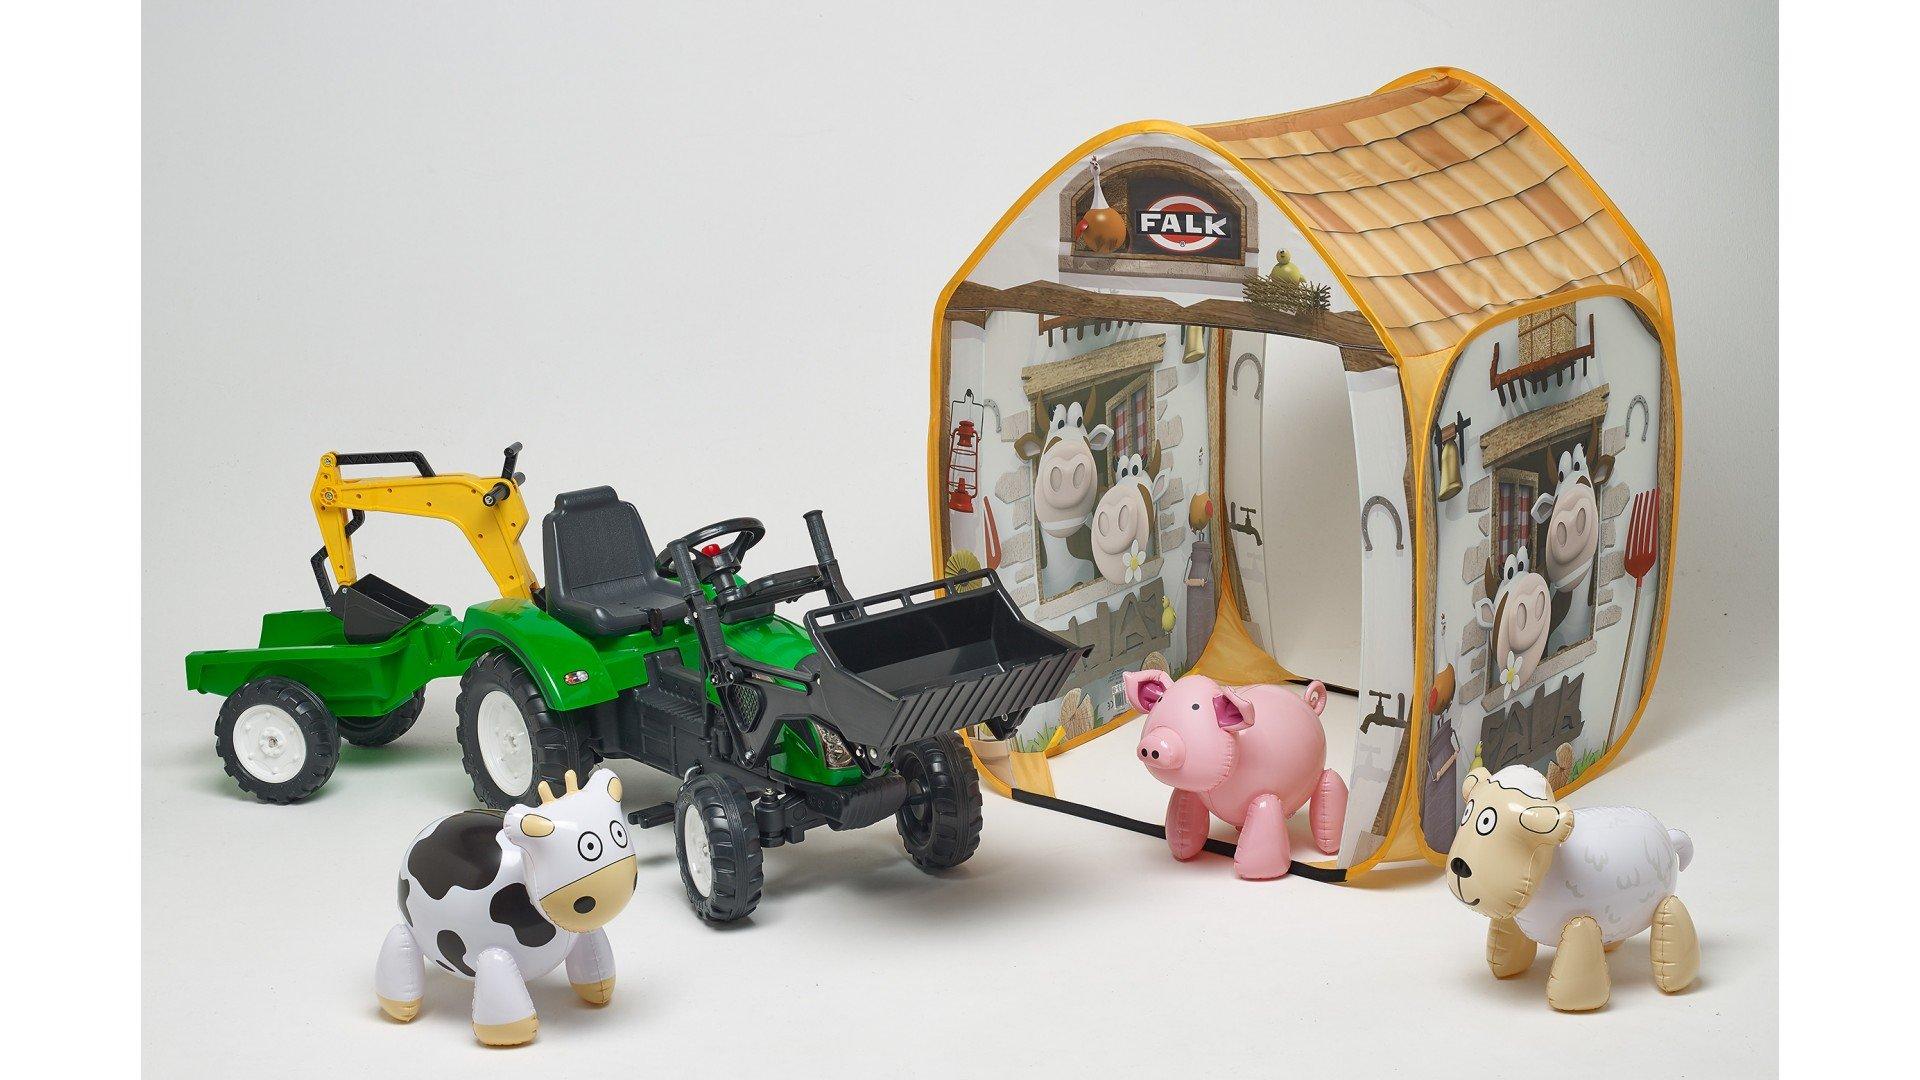 Tractor pedales ranch trac verde con pala delantera + trasera + remolque + granja con animales width=